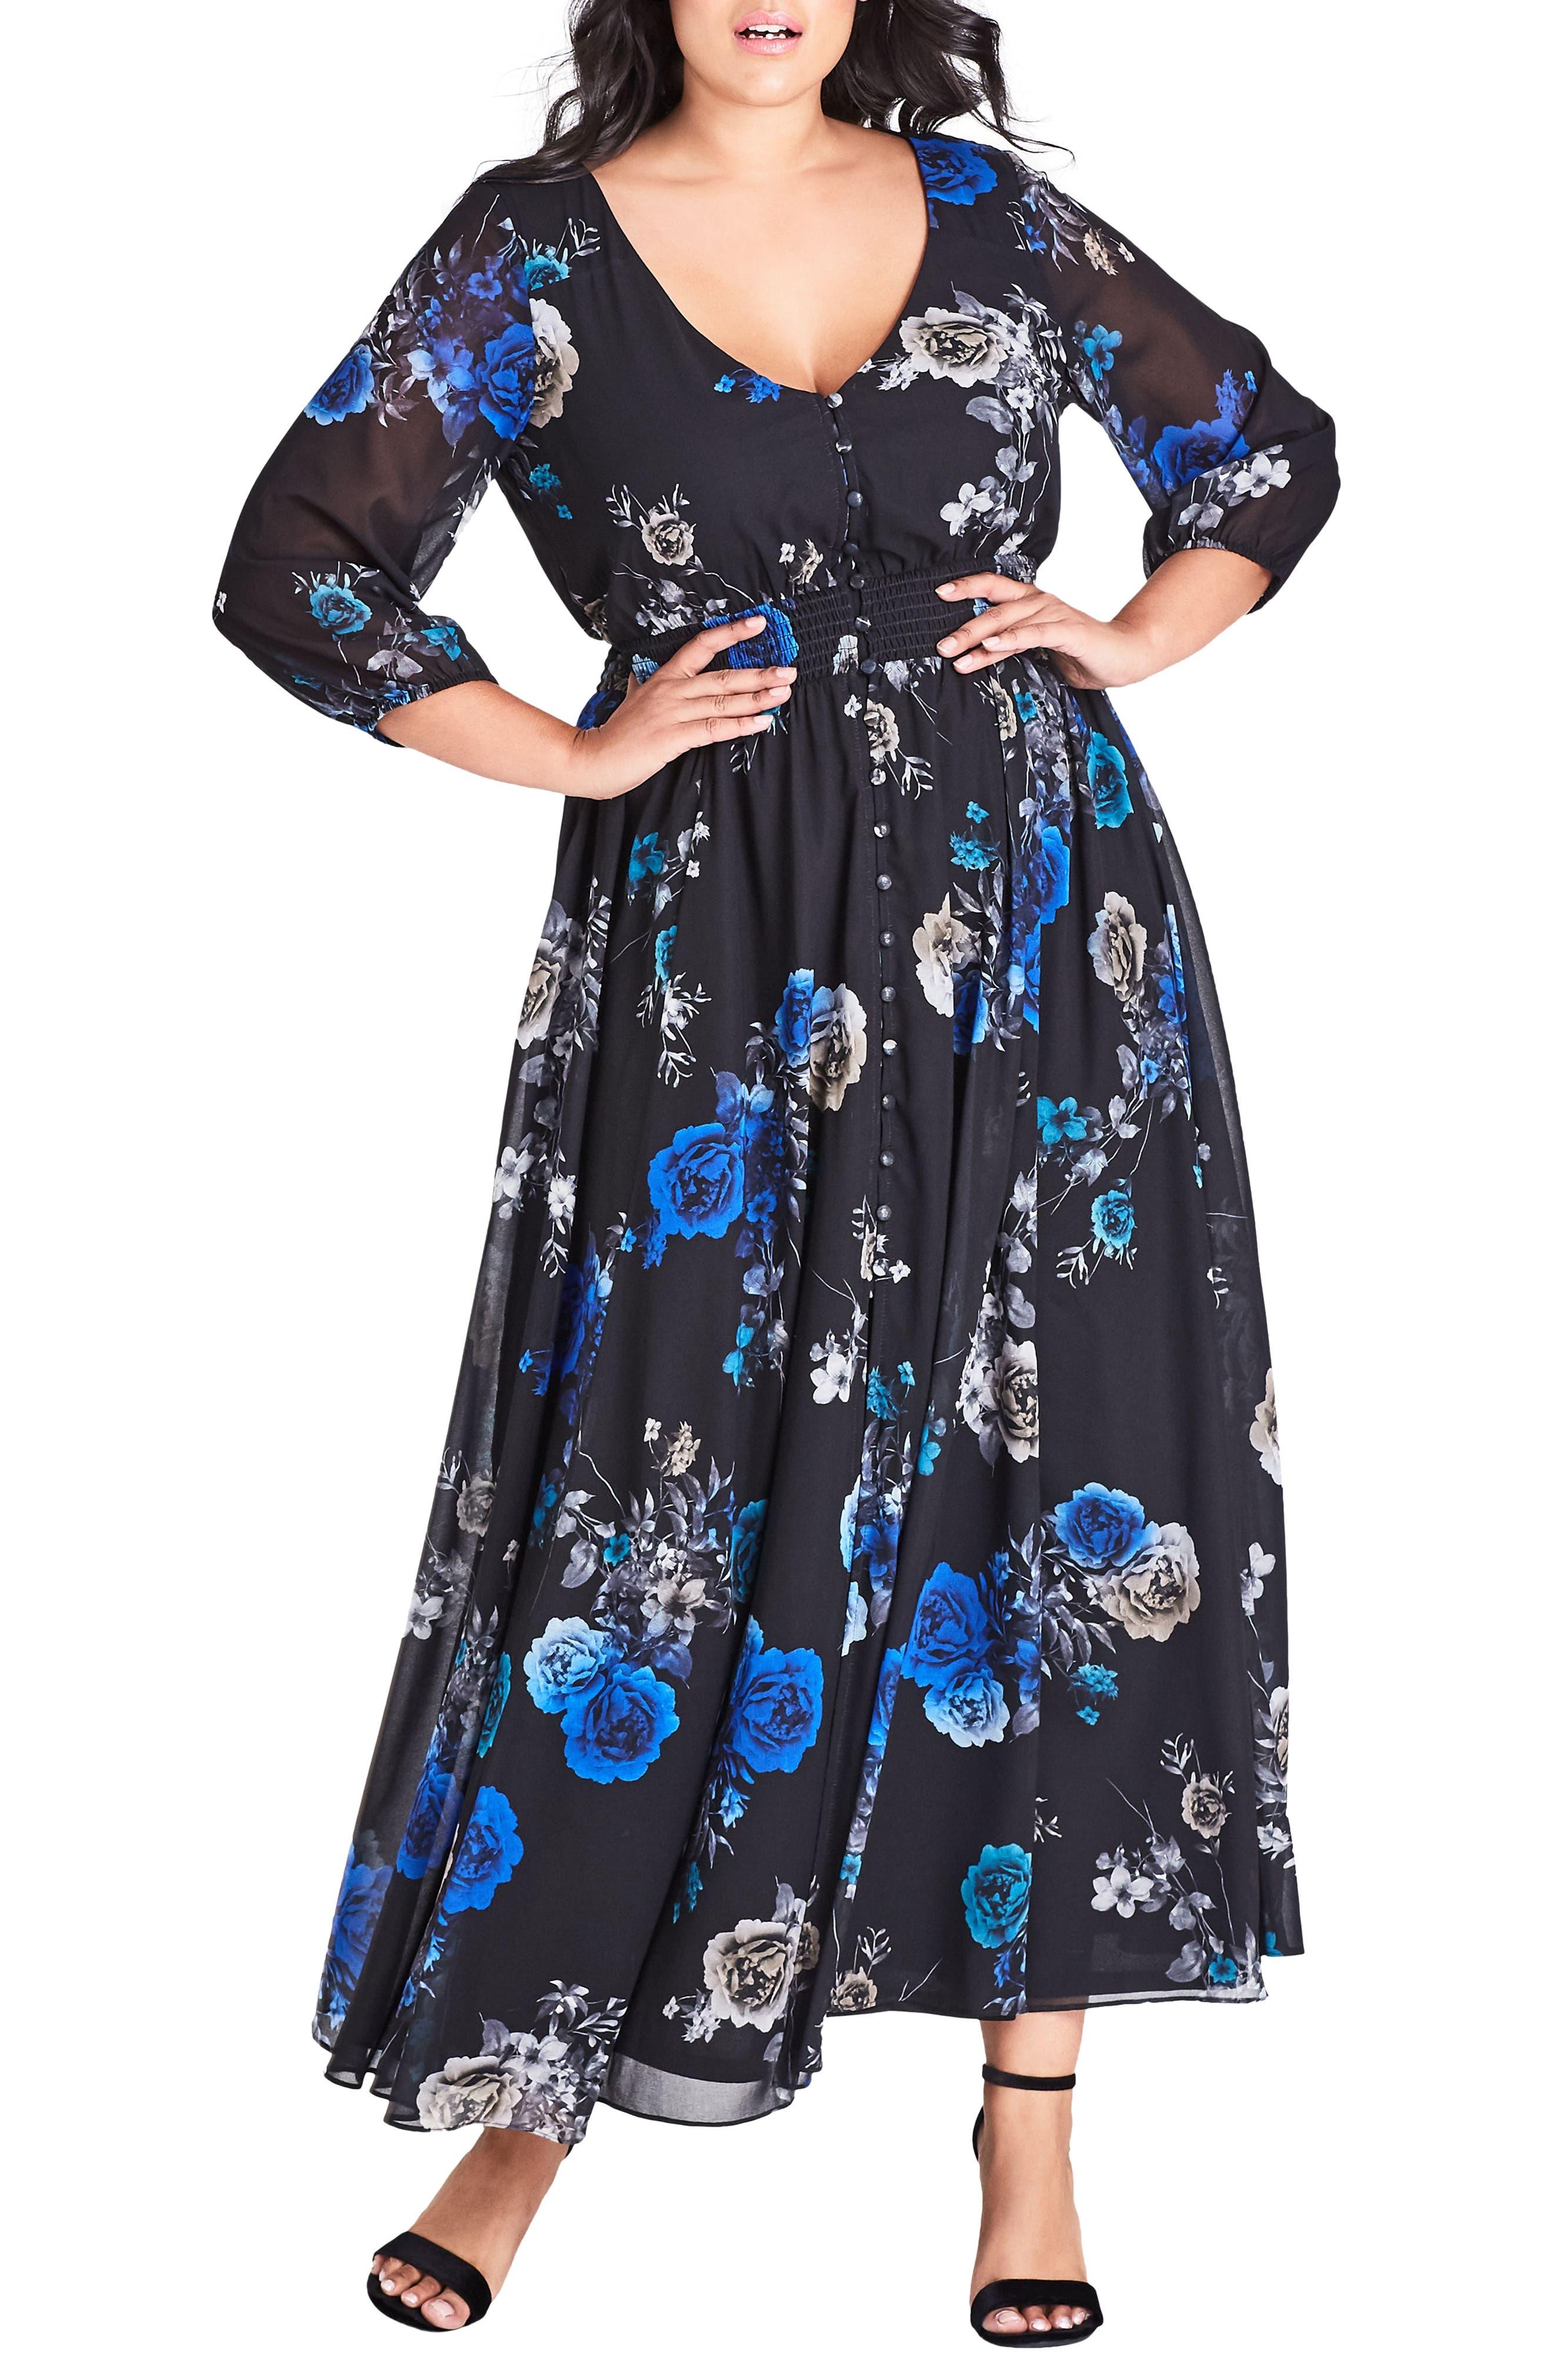 Plus Size City Chic Electric Floral Print Maxi Dress, Black